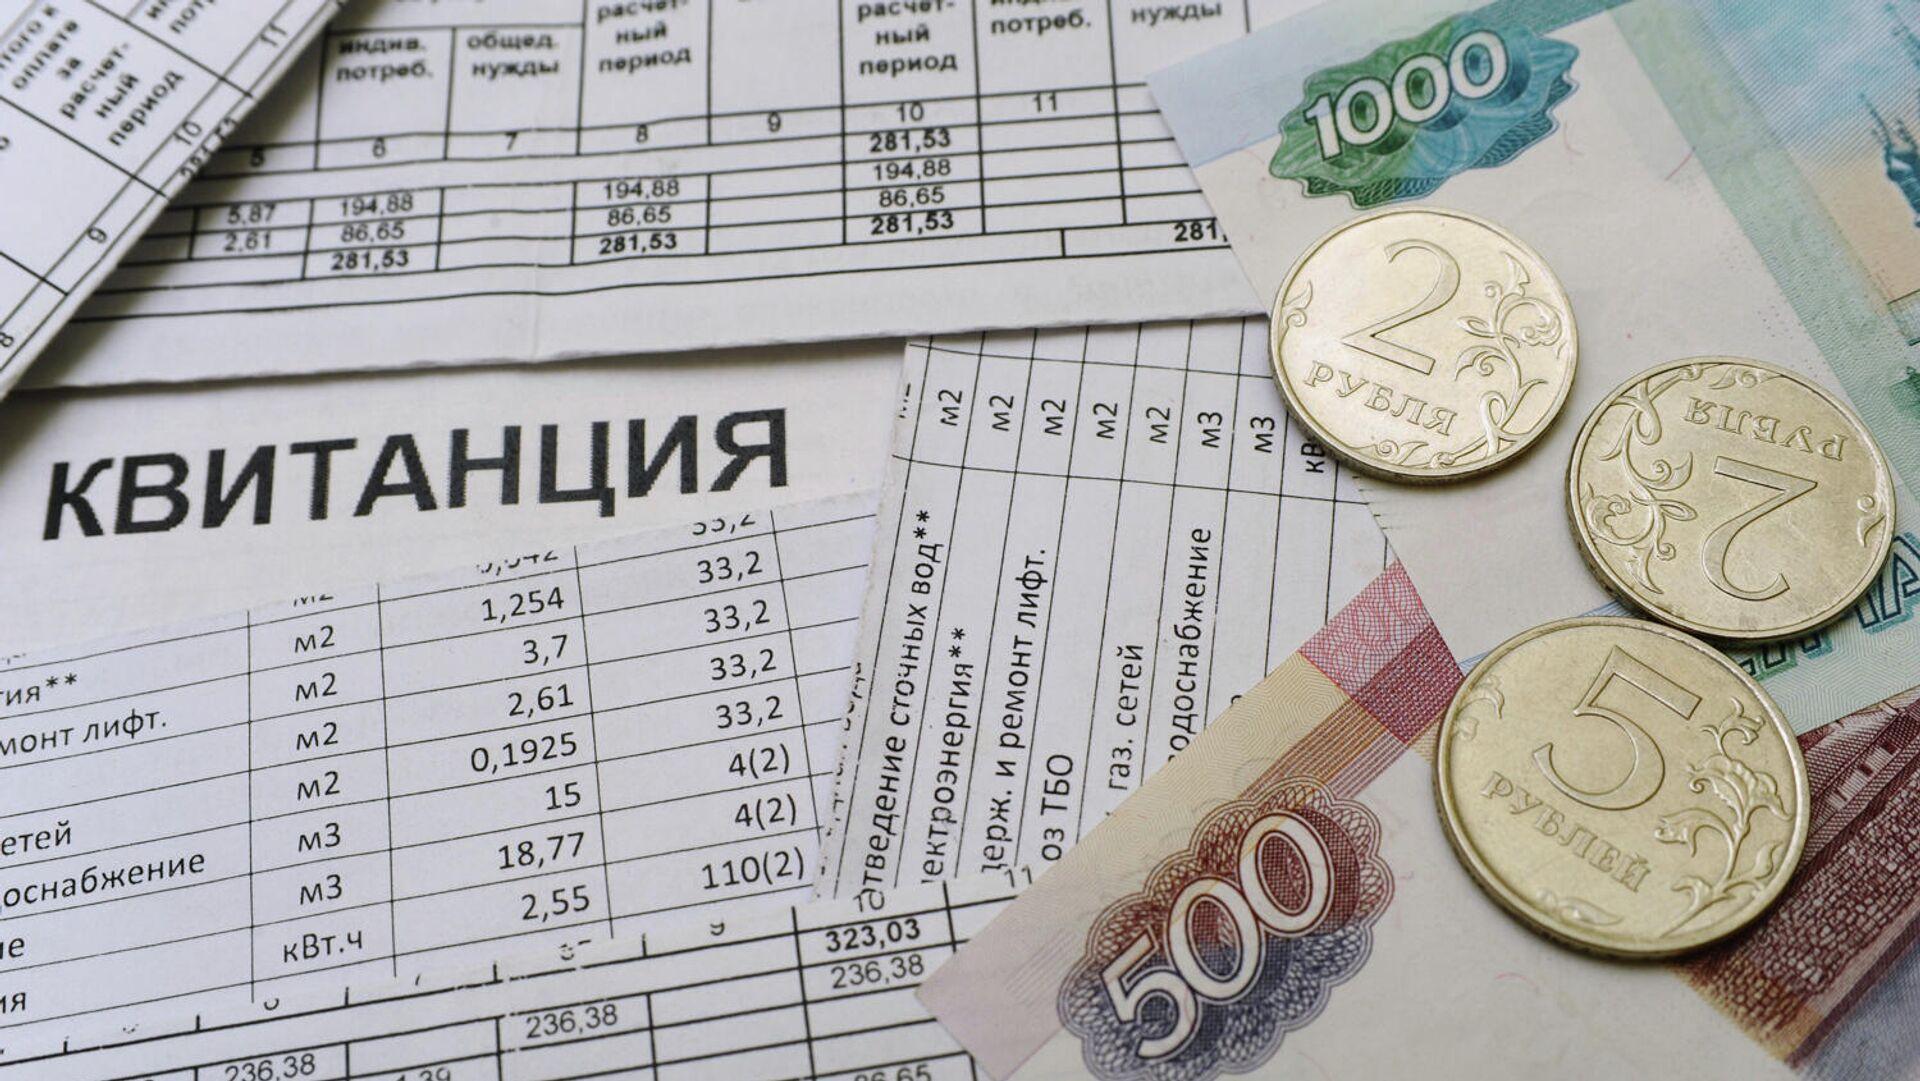 Платежные квитанции за услуги ЖКХ - РИА Новости, 1920, 11.05.2021